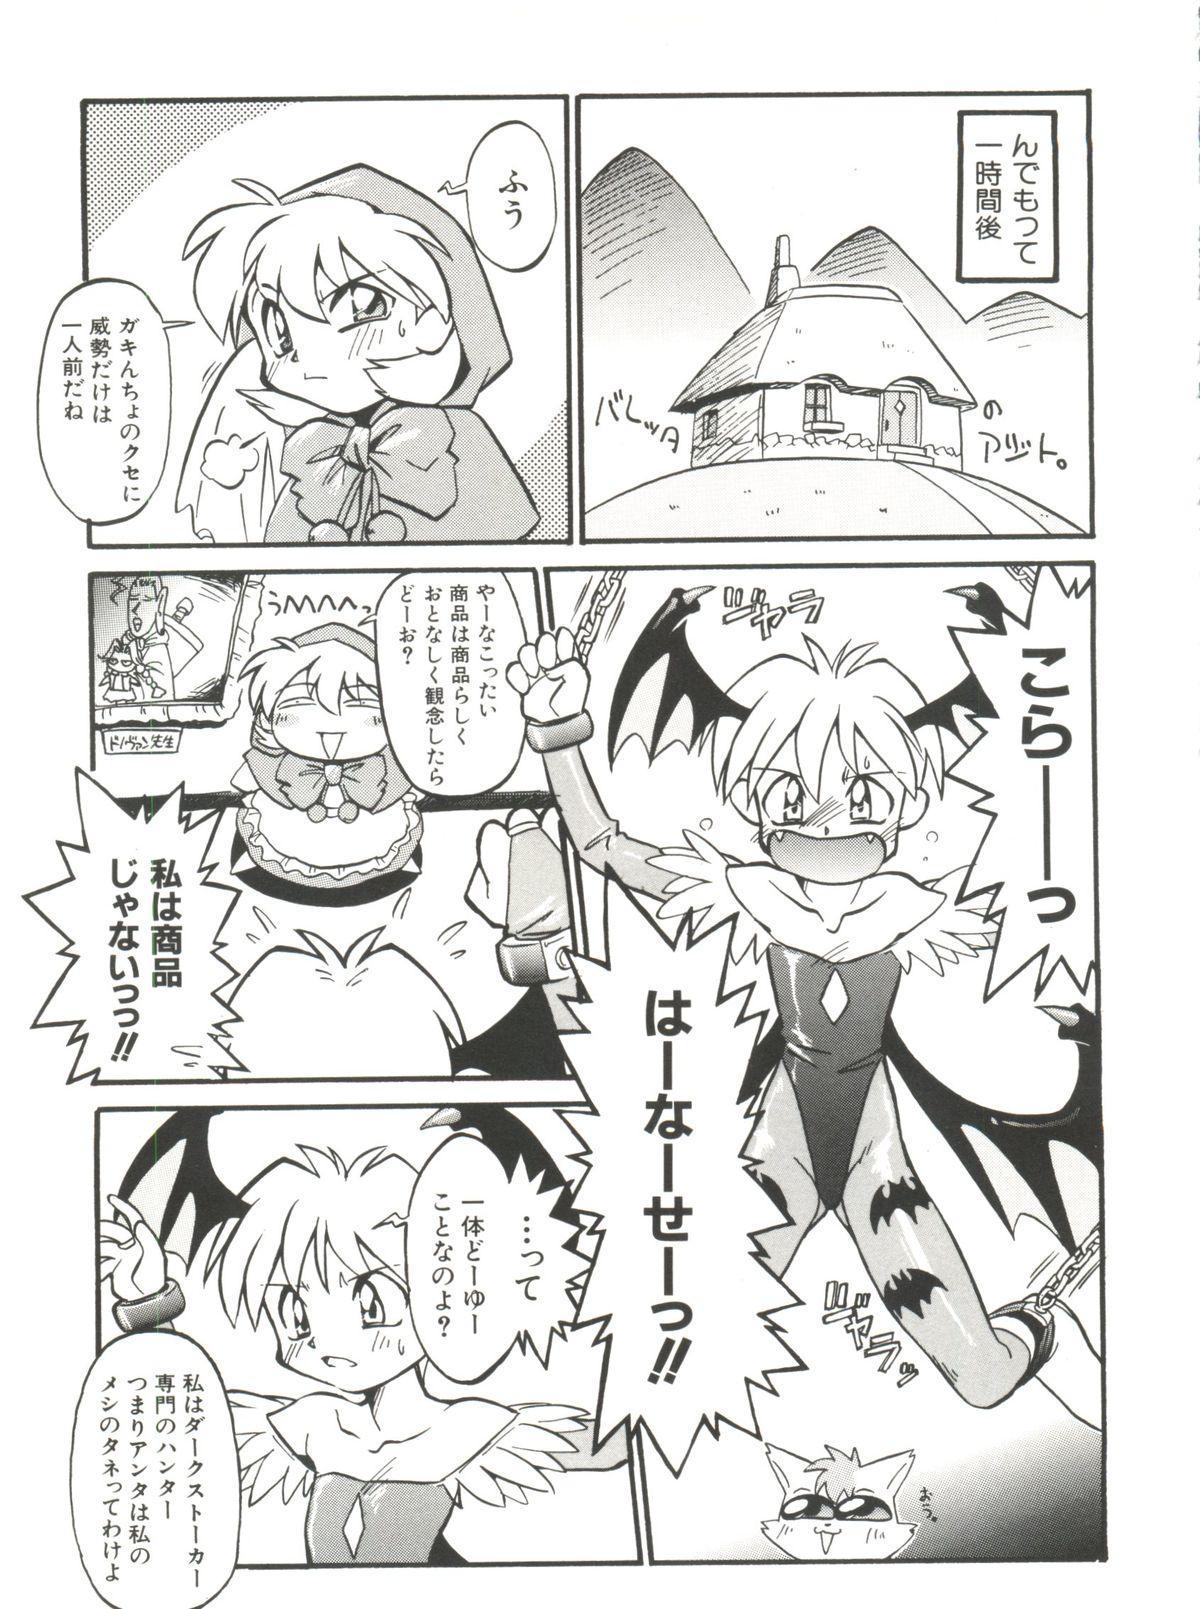 Denei Tamatebako 6 - Nishinhou no Tenshi II 120